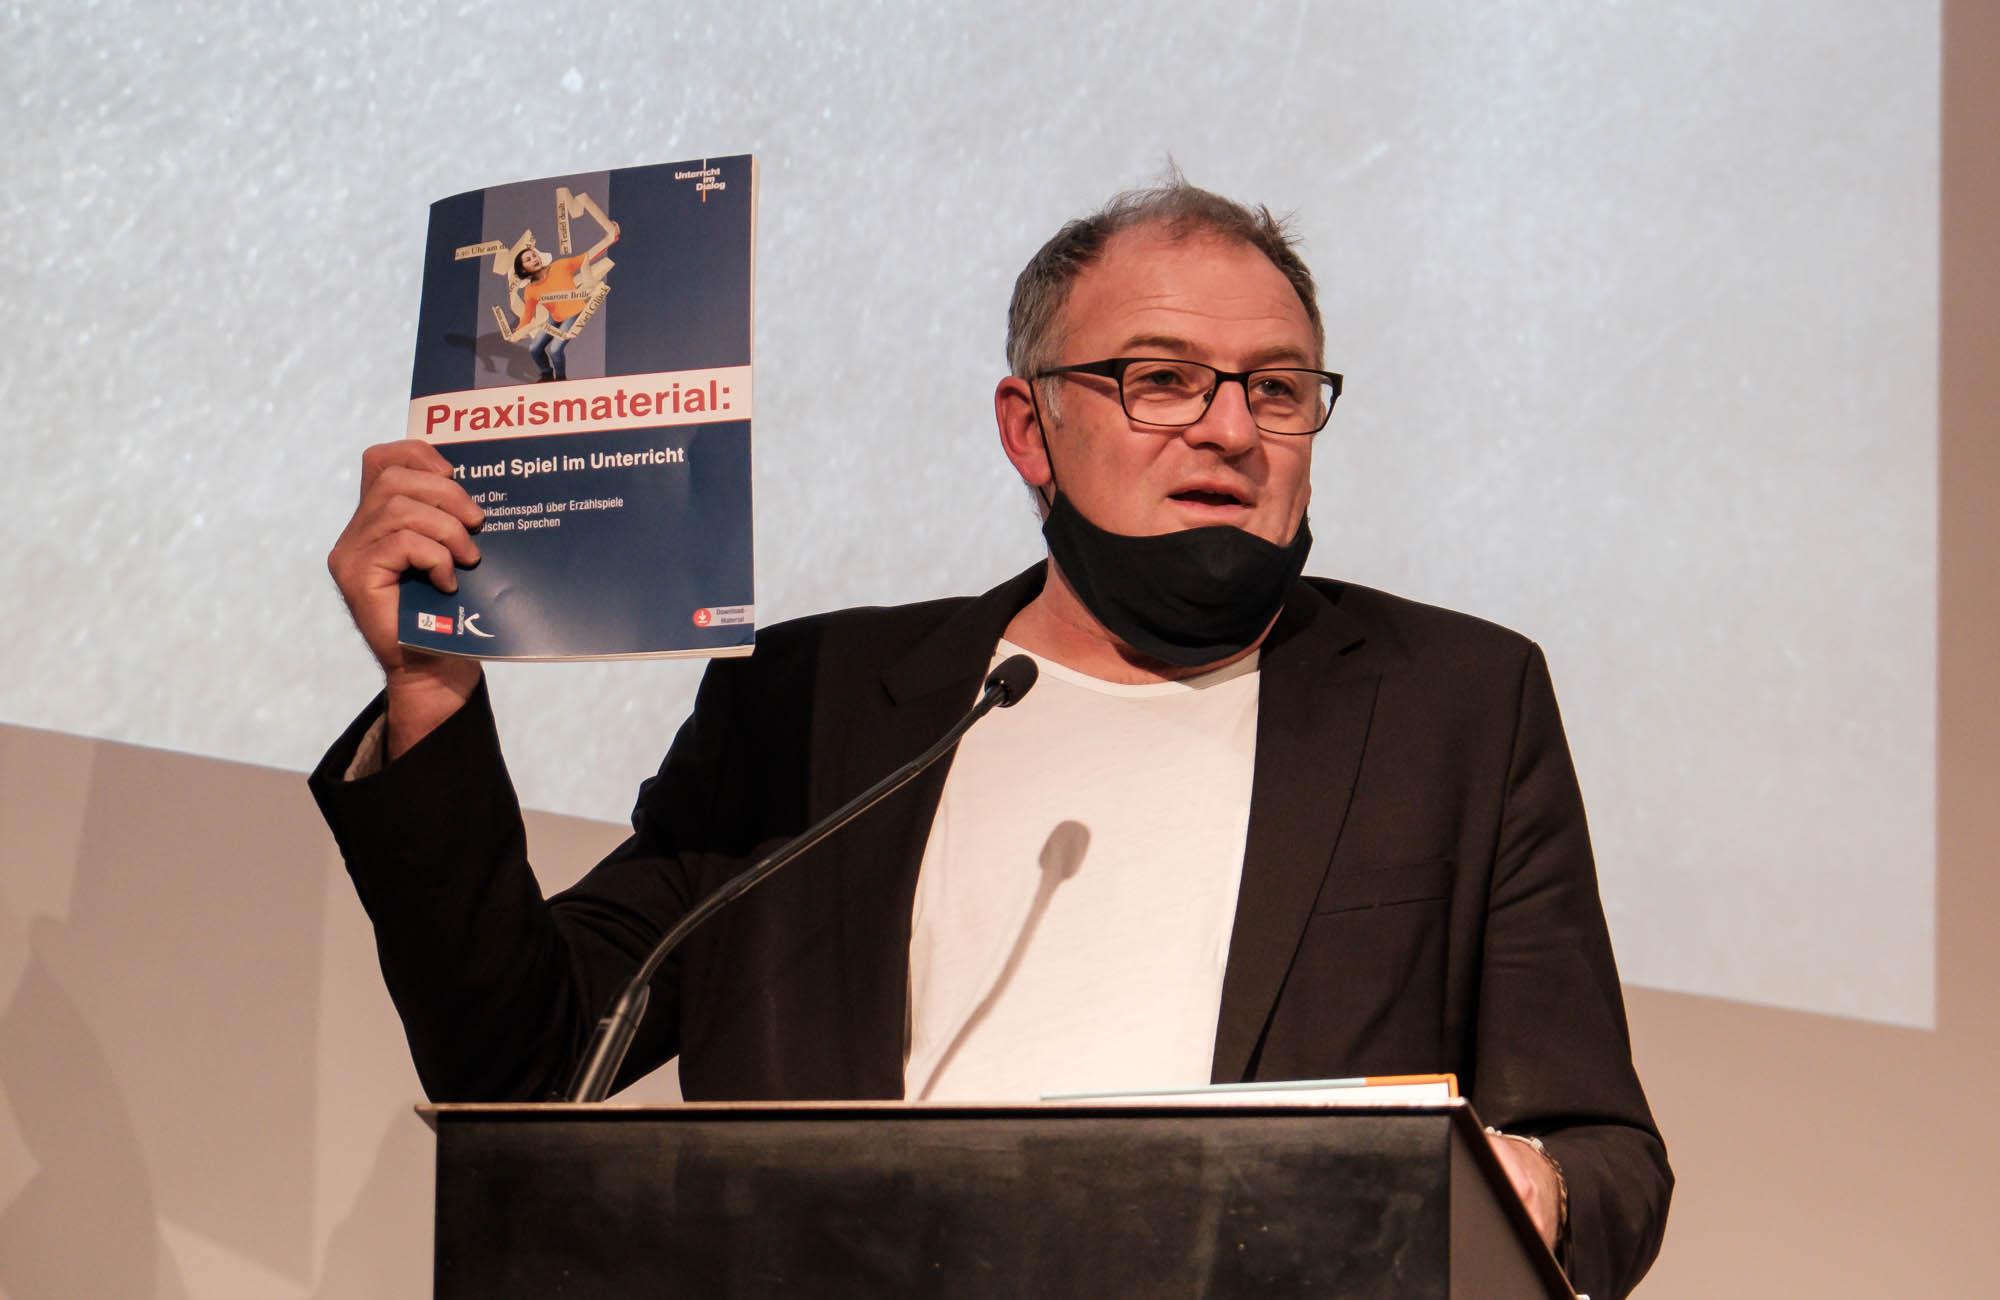 Lukas Frei, Timo Brunke: Die Würfel sind gefallen <br/>(c) Sebastian Wenzel